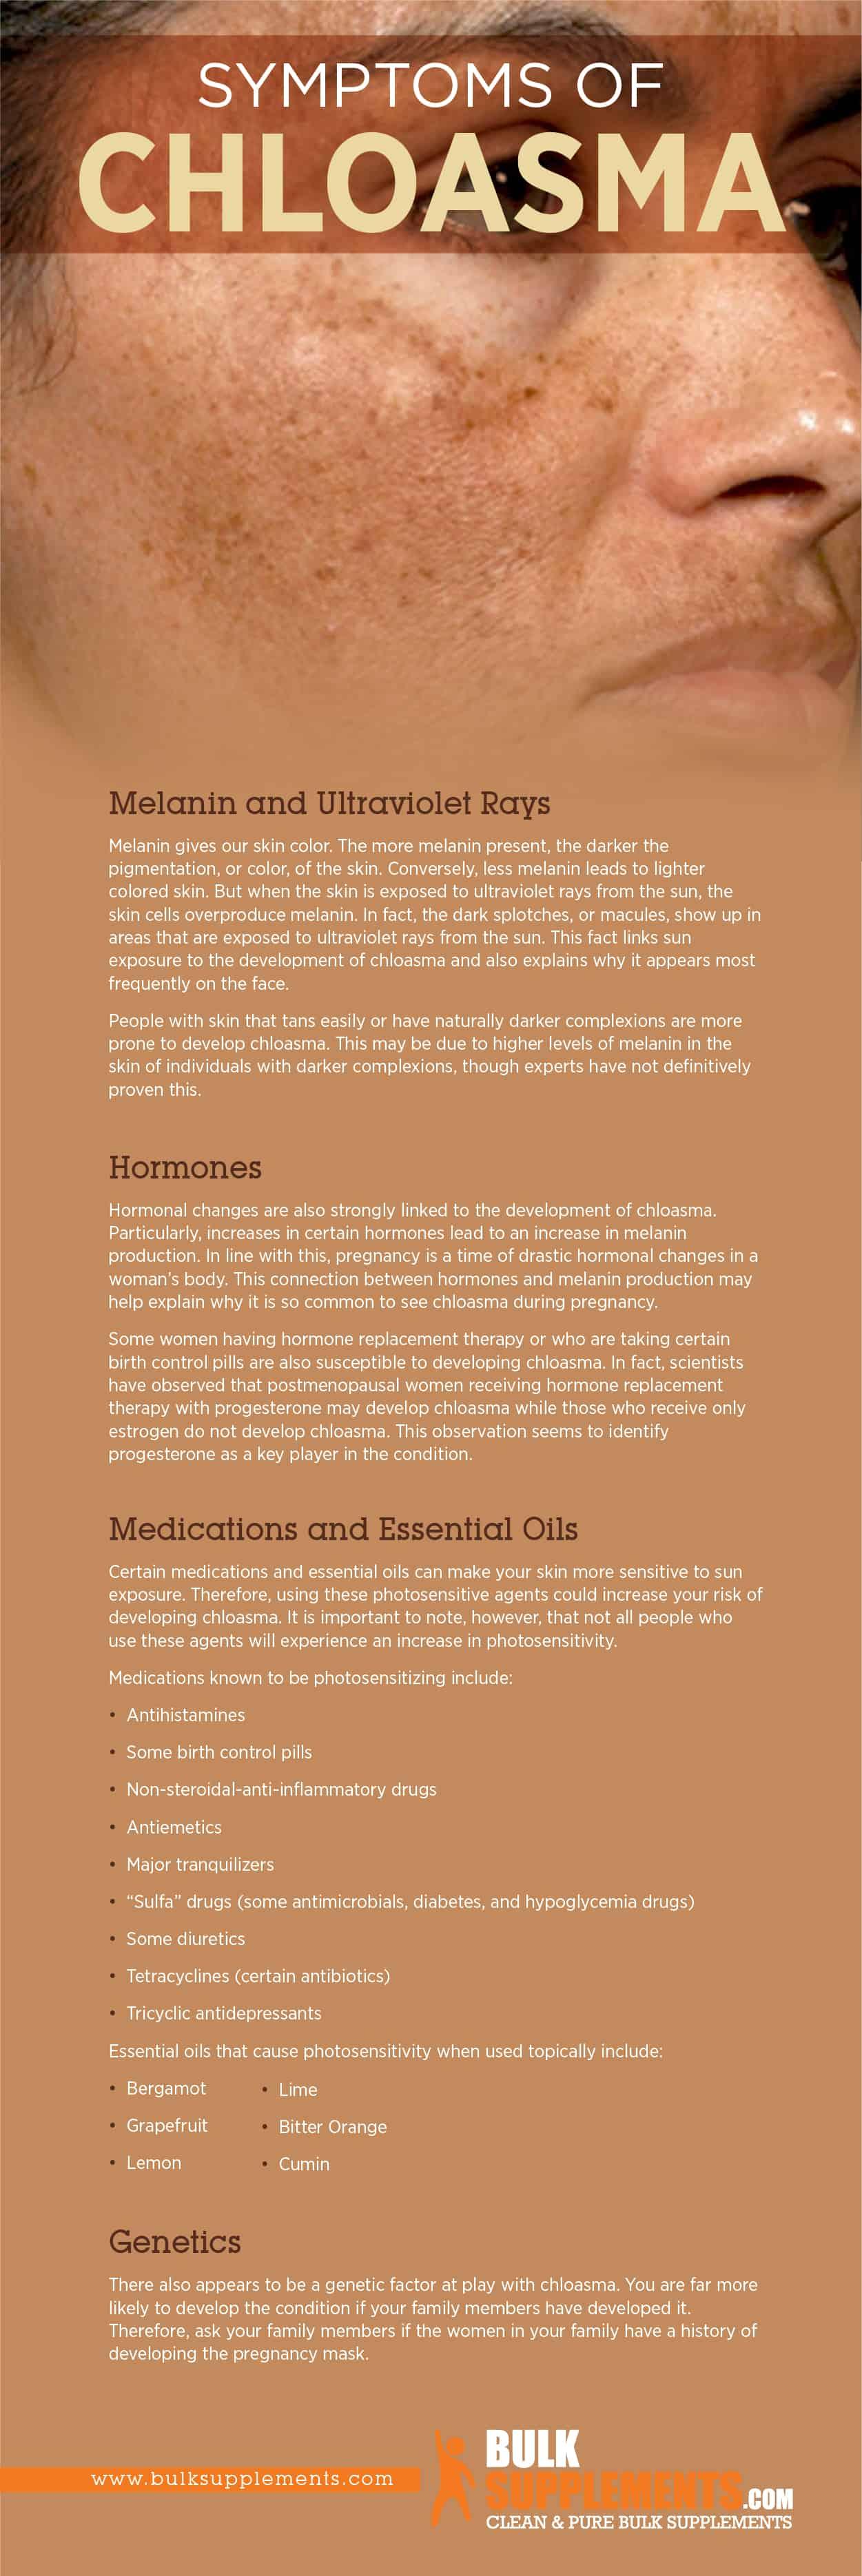 Chloasma Symptoms